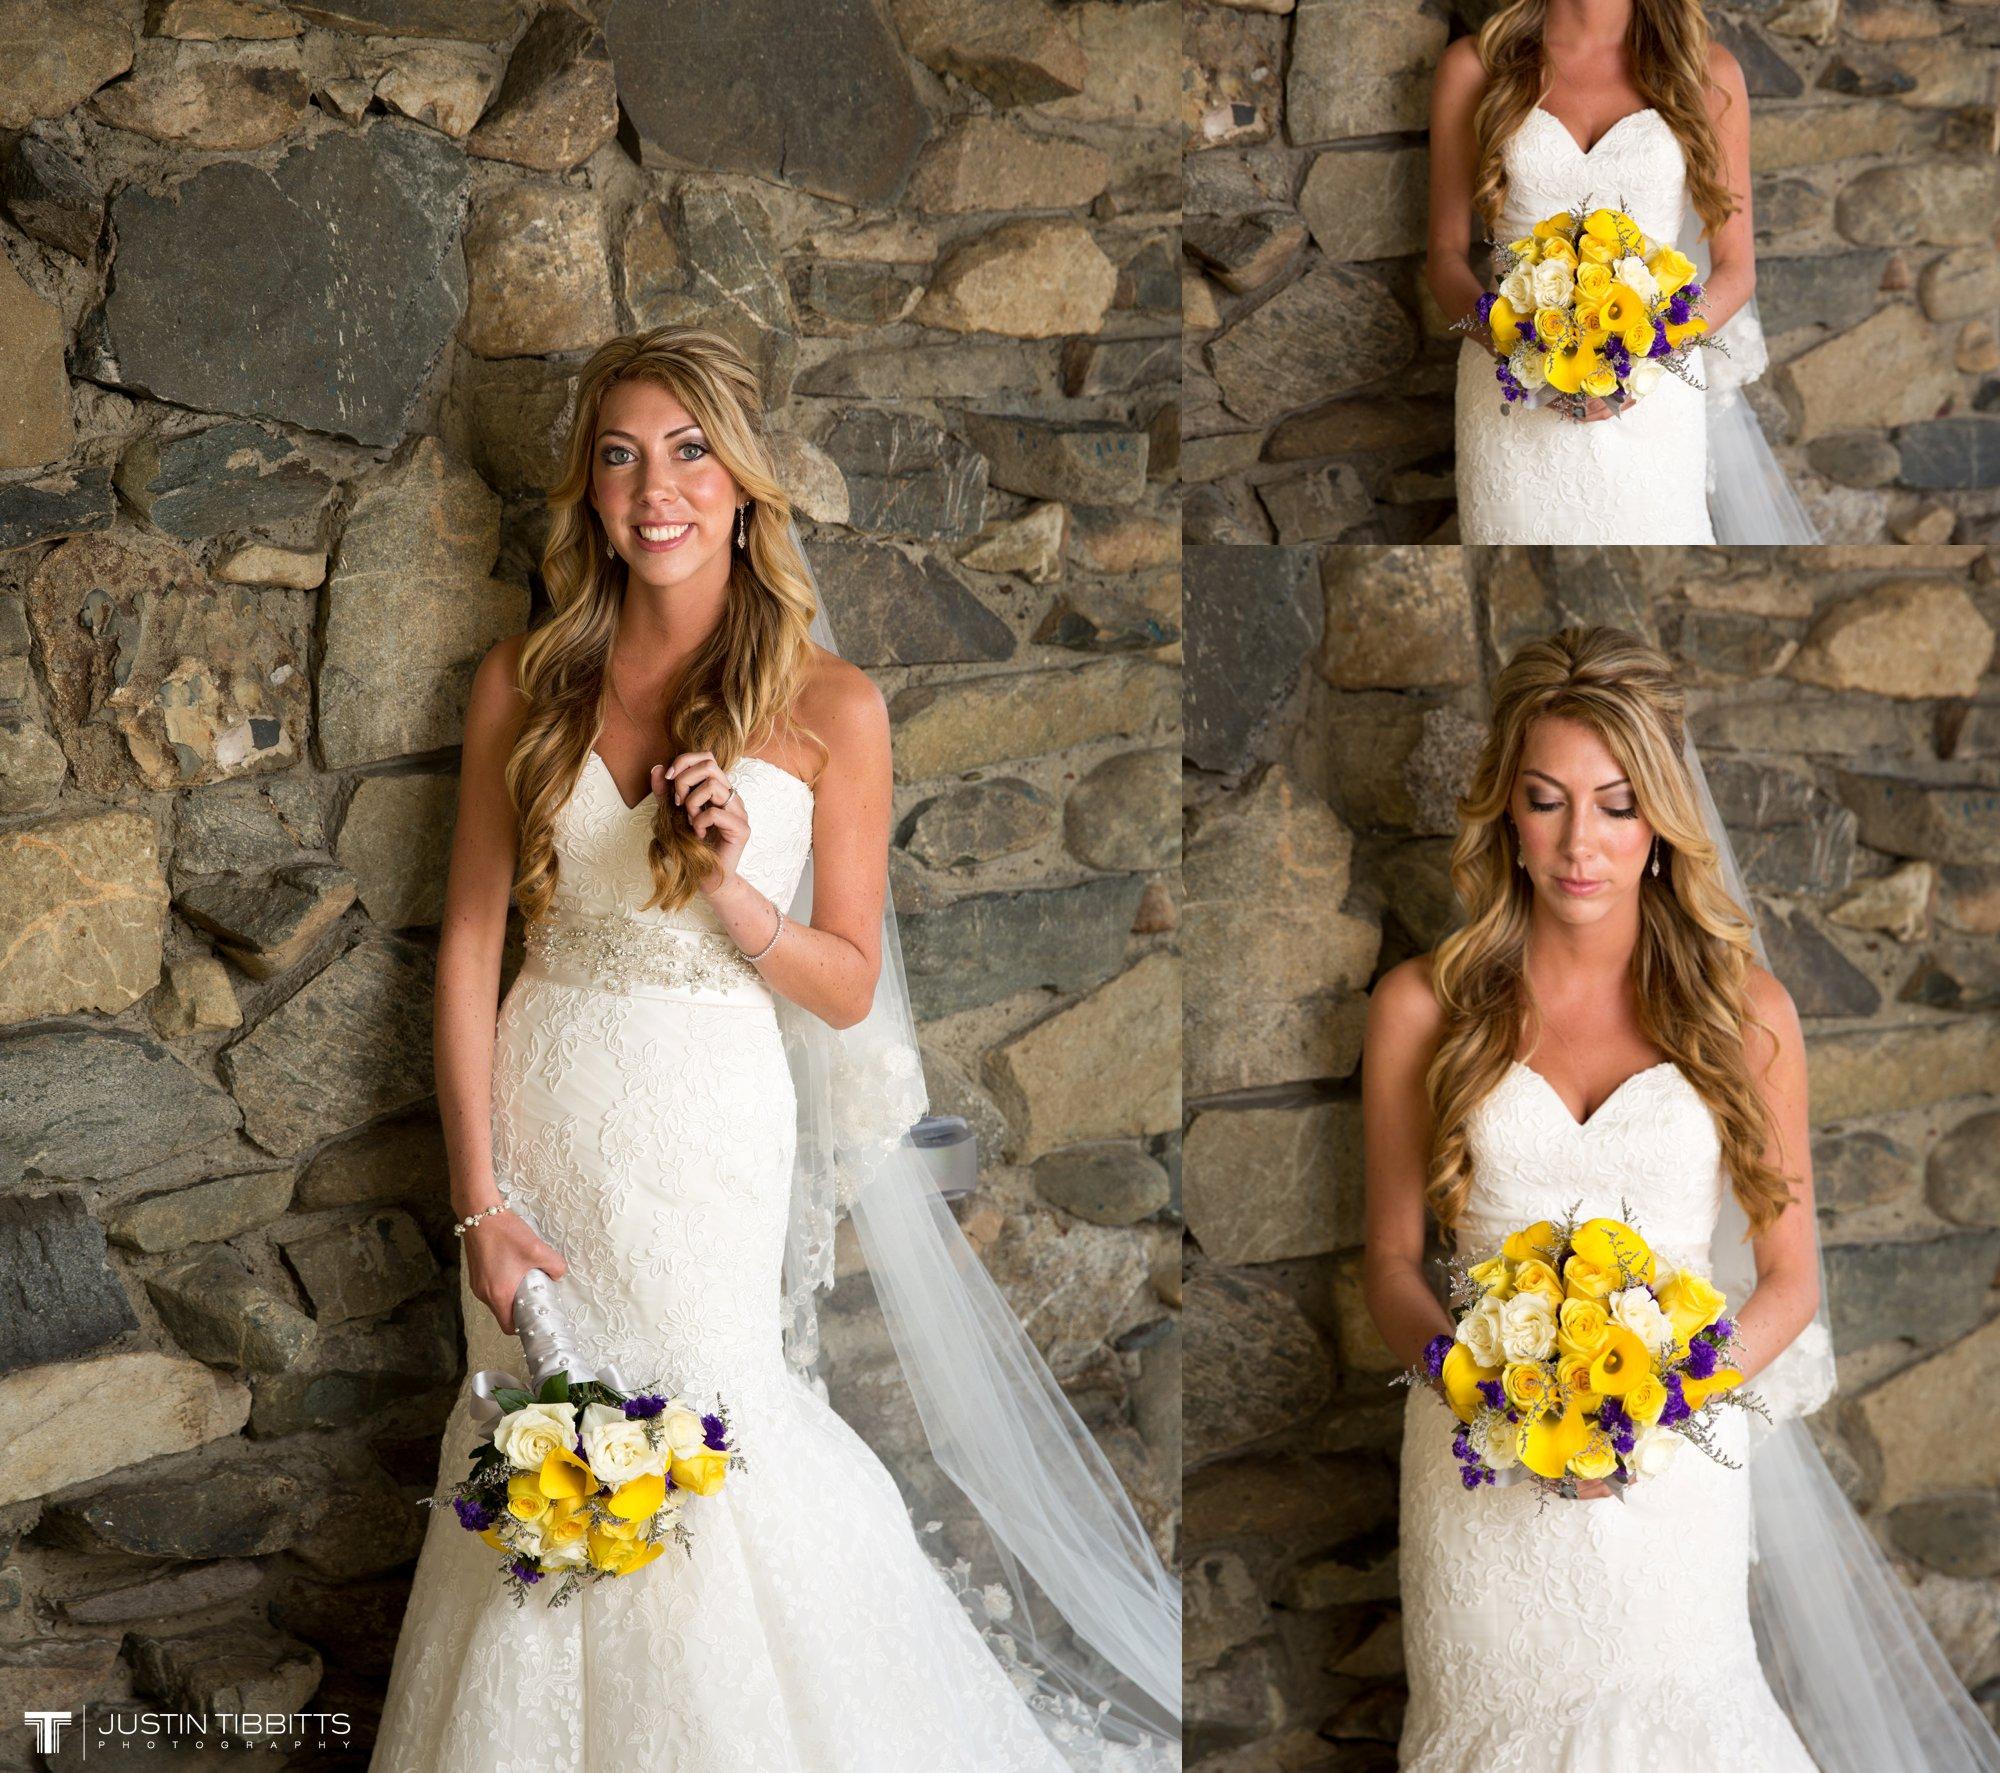 Albany NY Wedding Photographer Justin Tibbitts Photography 2014 Best of Albany NY Weddings-906344